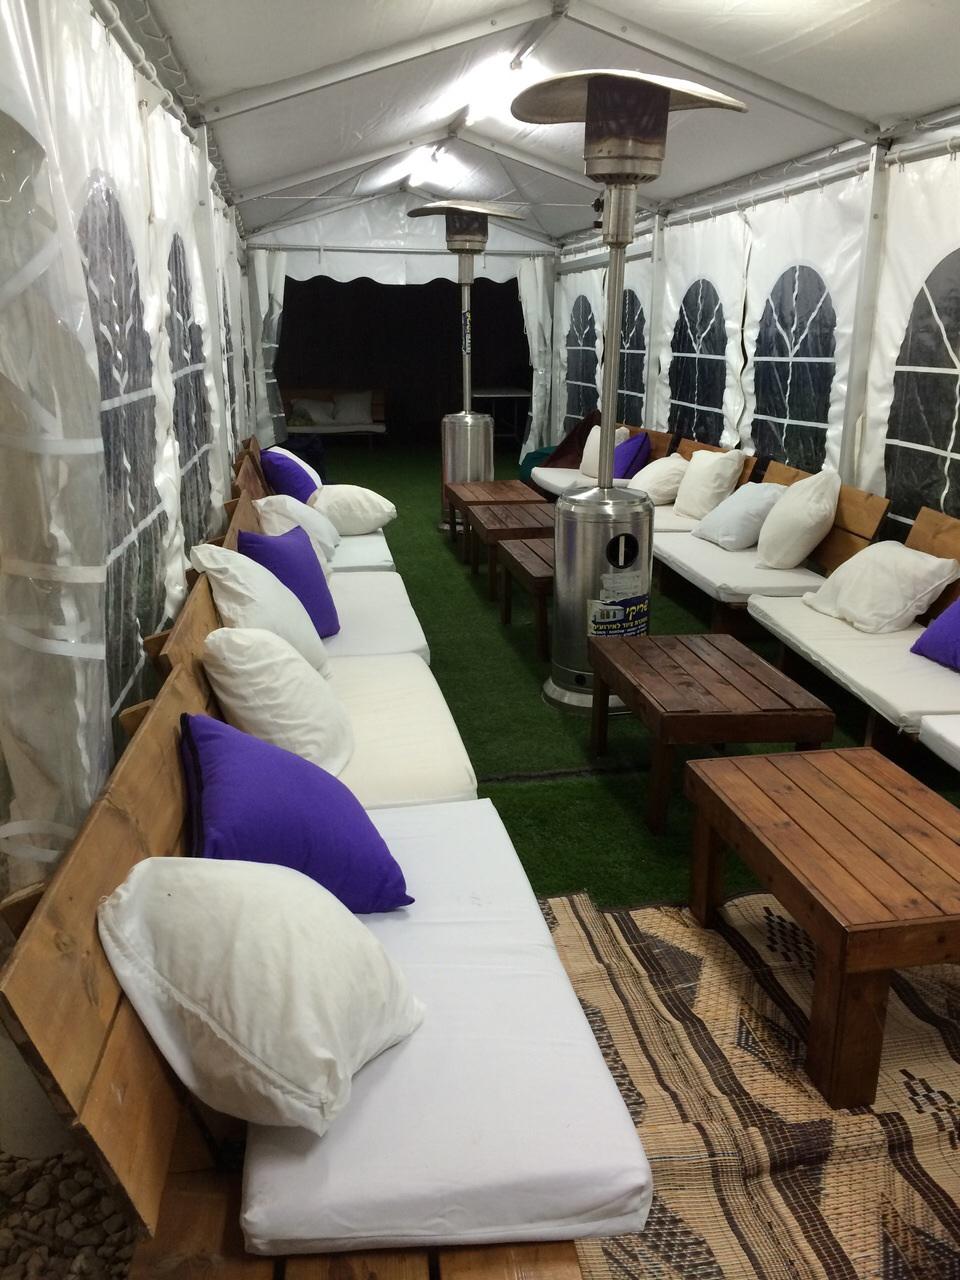 אוהל חורף אירוח בחצר